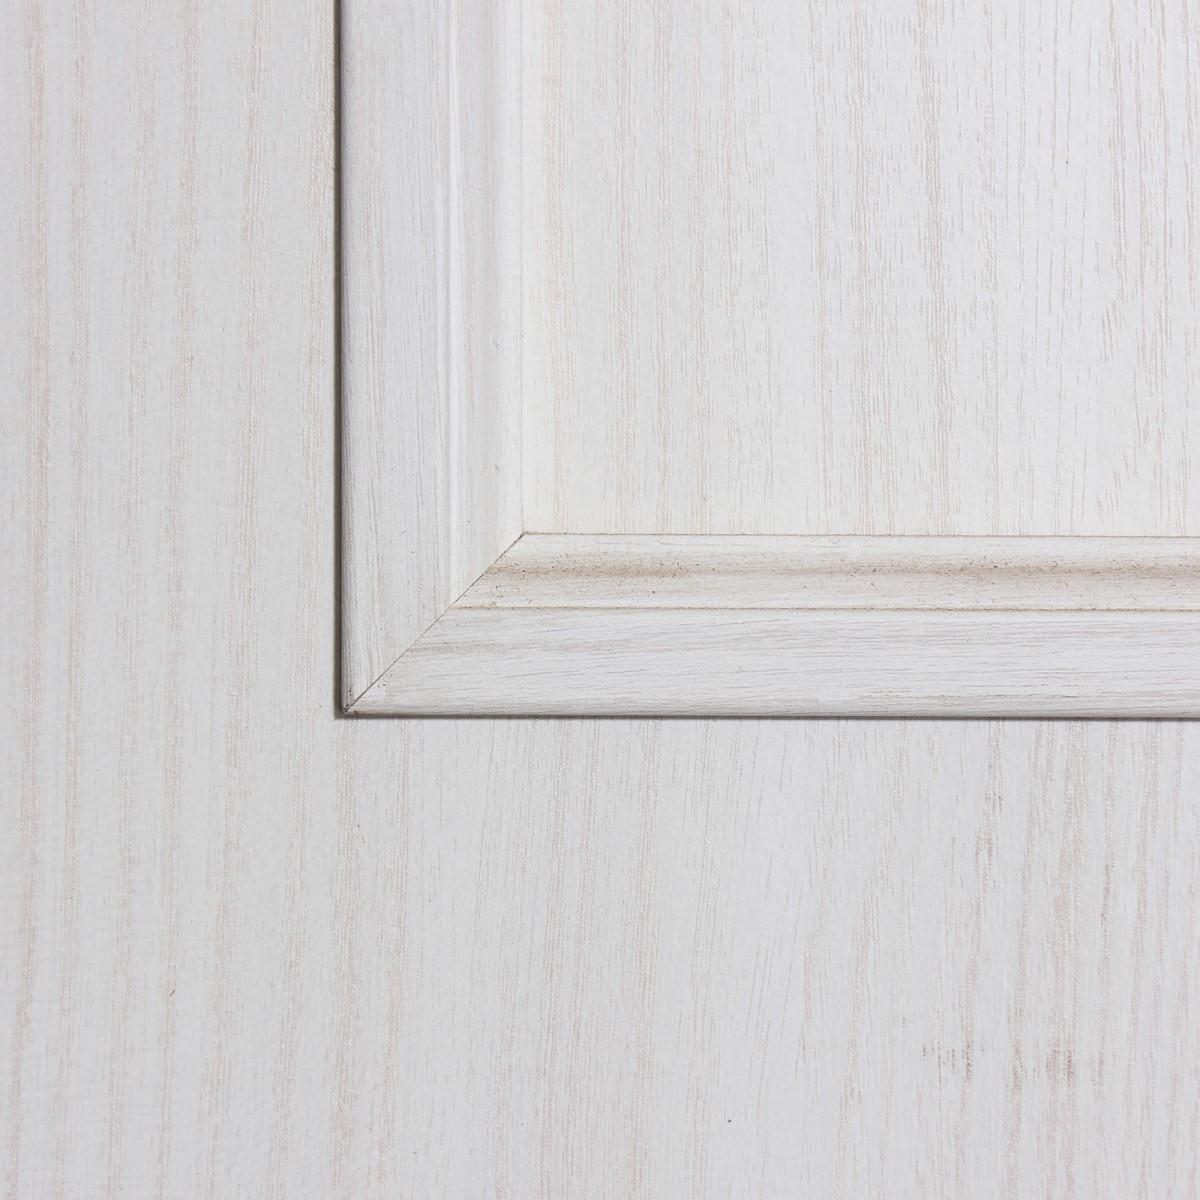 Дверь Межкомнатная Глухая Провенца 60x200 Цвет Дуб Медео